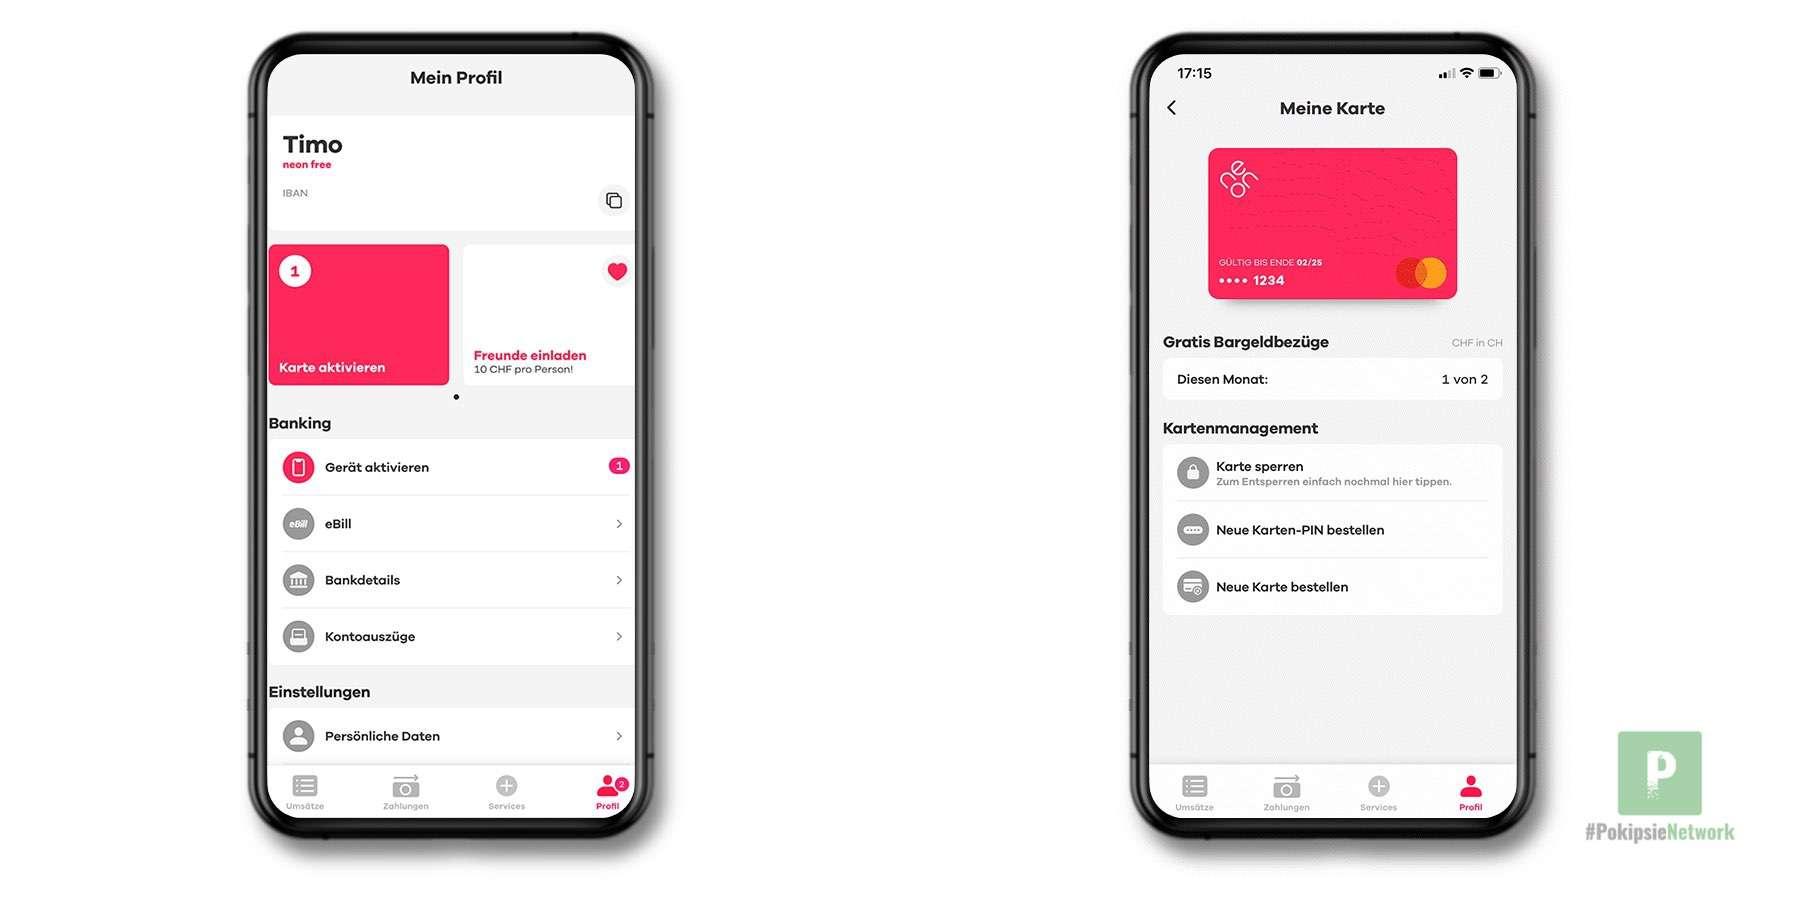 Kreditkarte selber sperren – Neon übergibt dem Nutzer mehr Freiheit